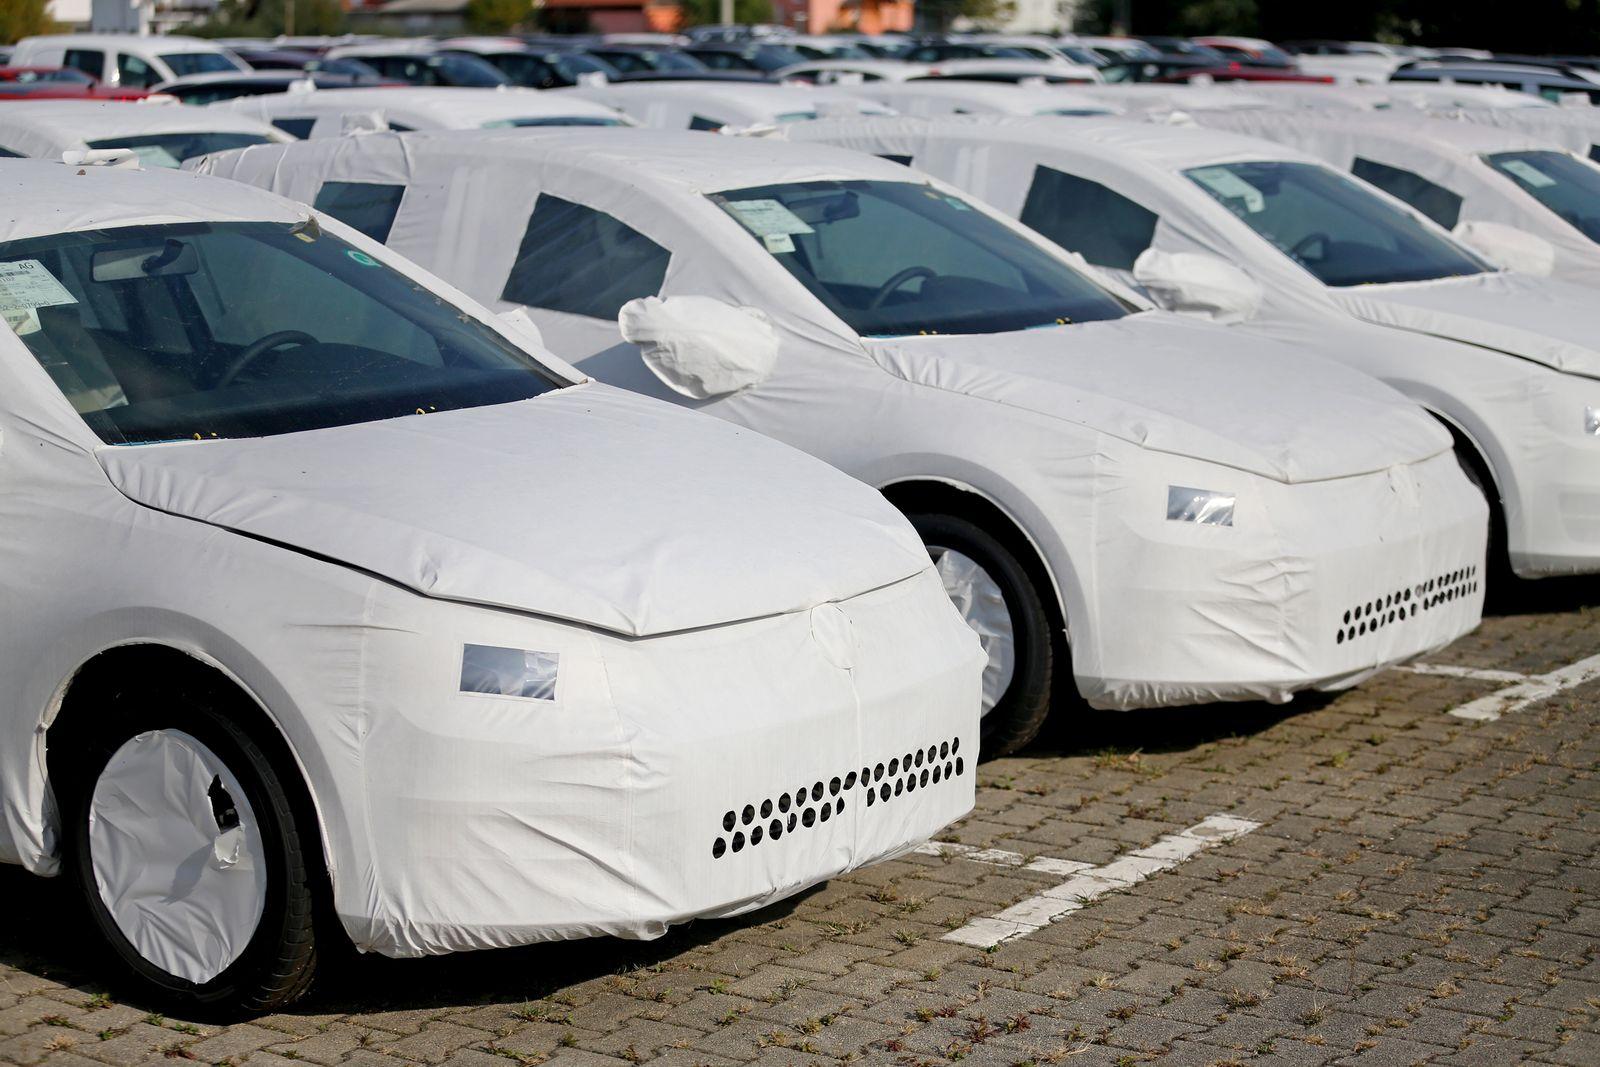 VW-Neuwagen beim Autologistiker